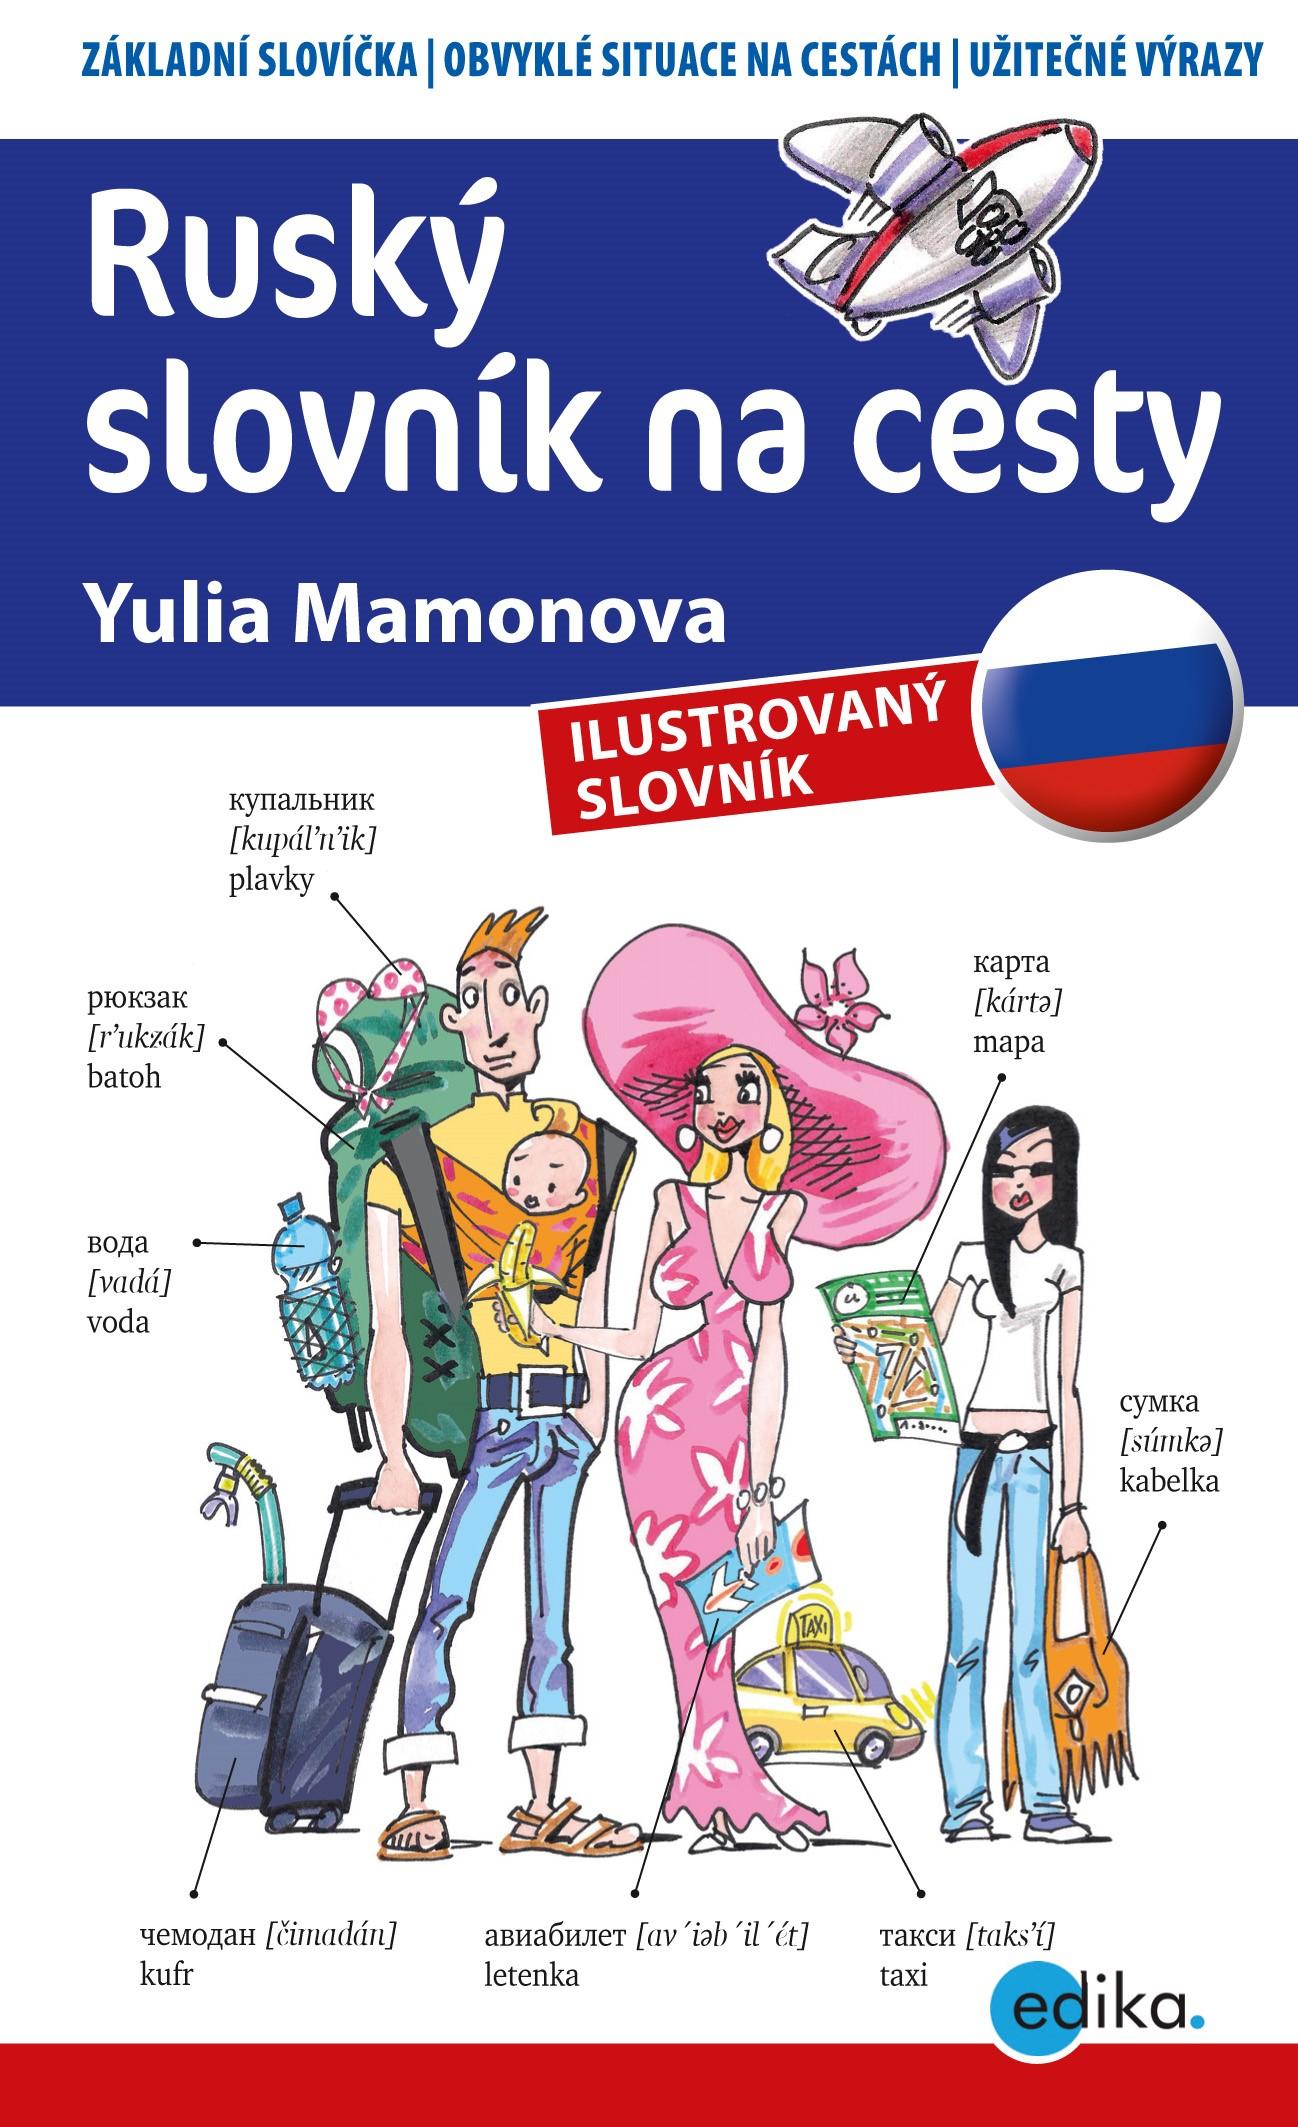 Ruský slovník na cesty   Yulia Mamonova